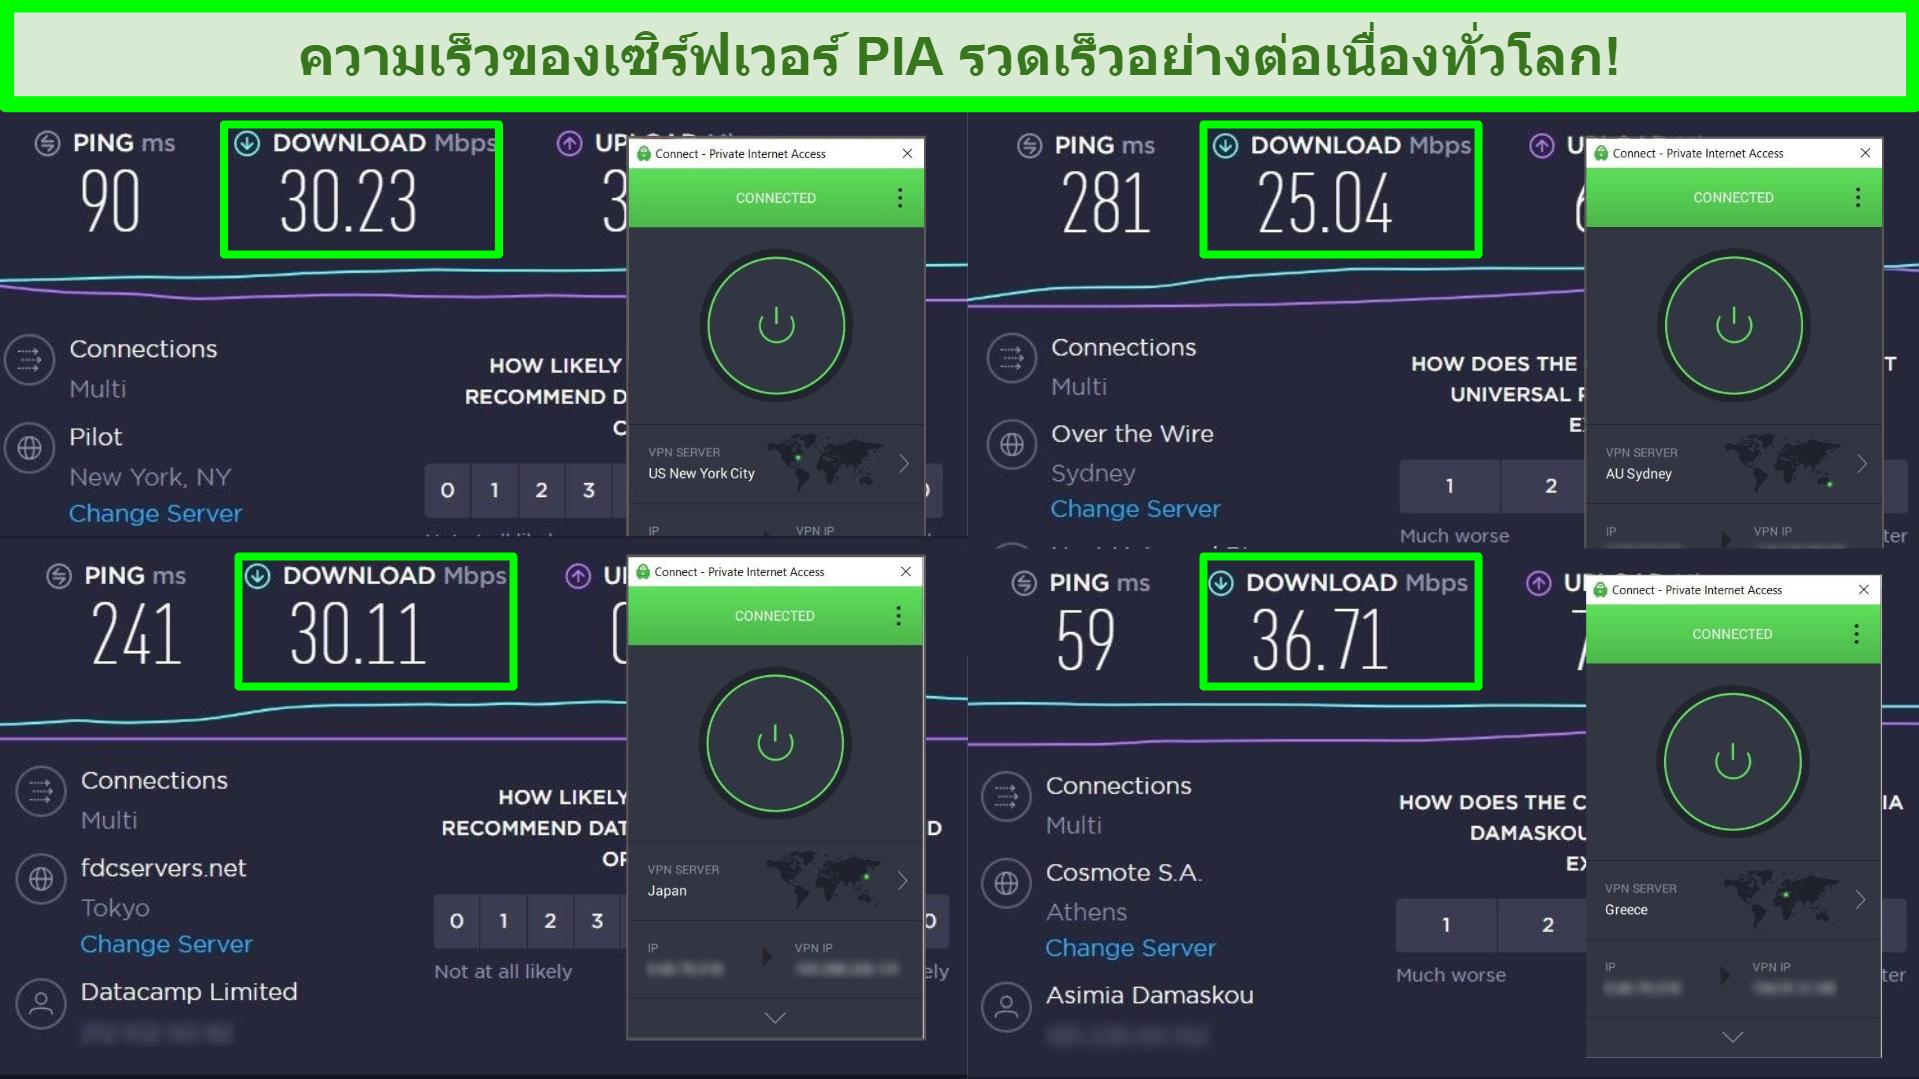 ภาพหน้าจอของการทดสอบความเร็ว Ookla ด้วย PIA ที่เชื่อมต่อกับเซิร์ฟเวอร์ทั่วโลกที่แตกต่างกัน